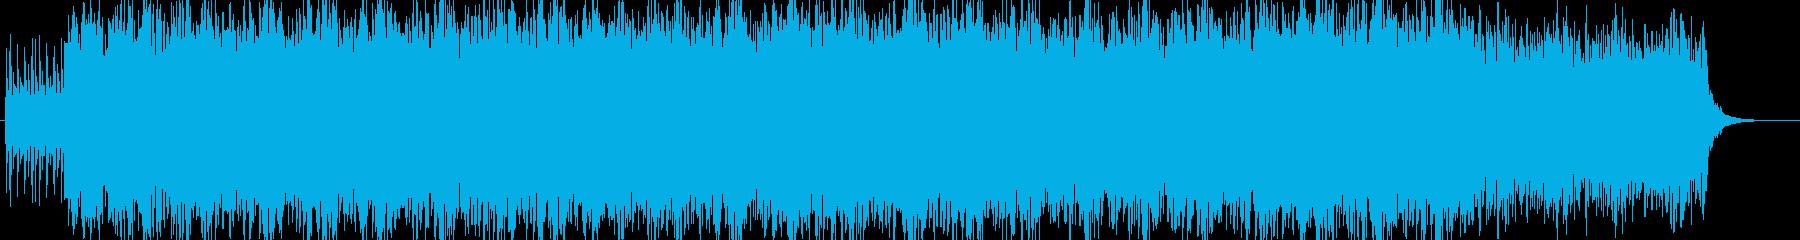 ゆったりと優しいポップヒーリングBGMの再生済みの波形